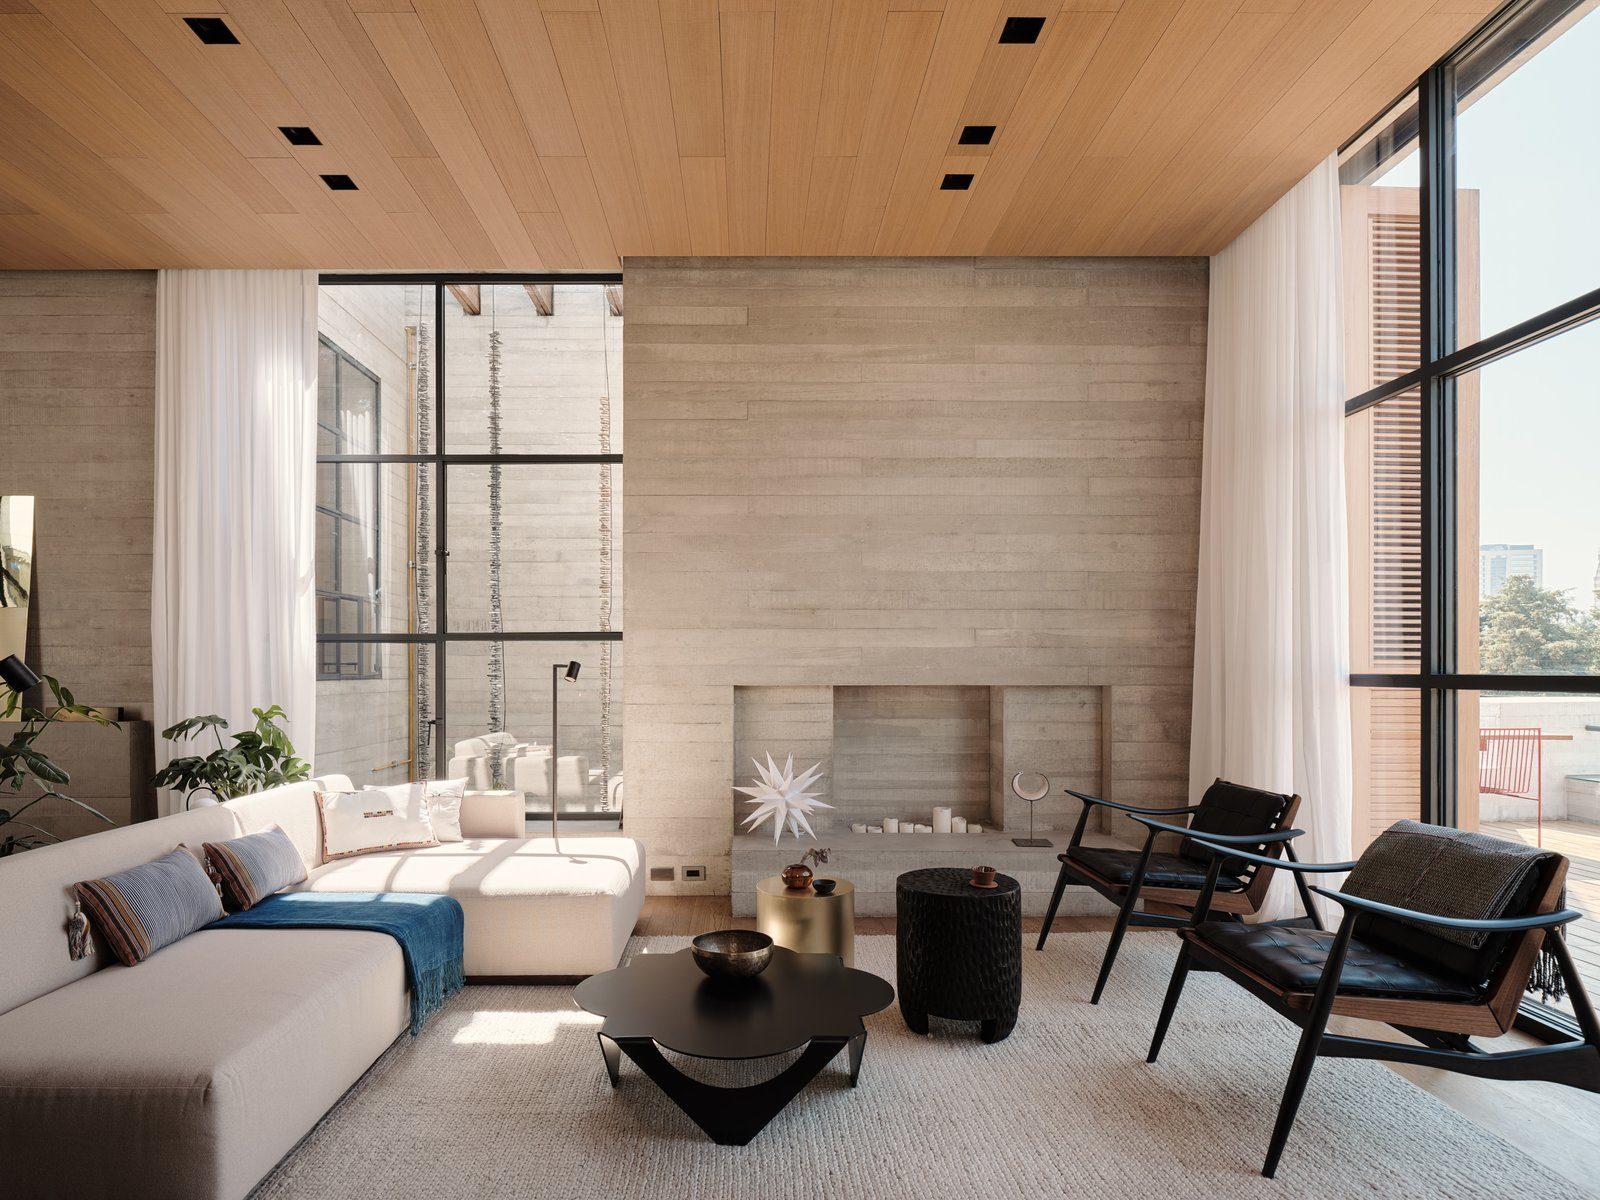 Tennyson-205-Apartment-designalive_bonus-5